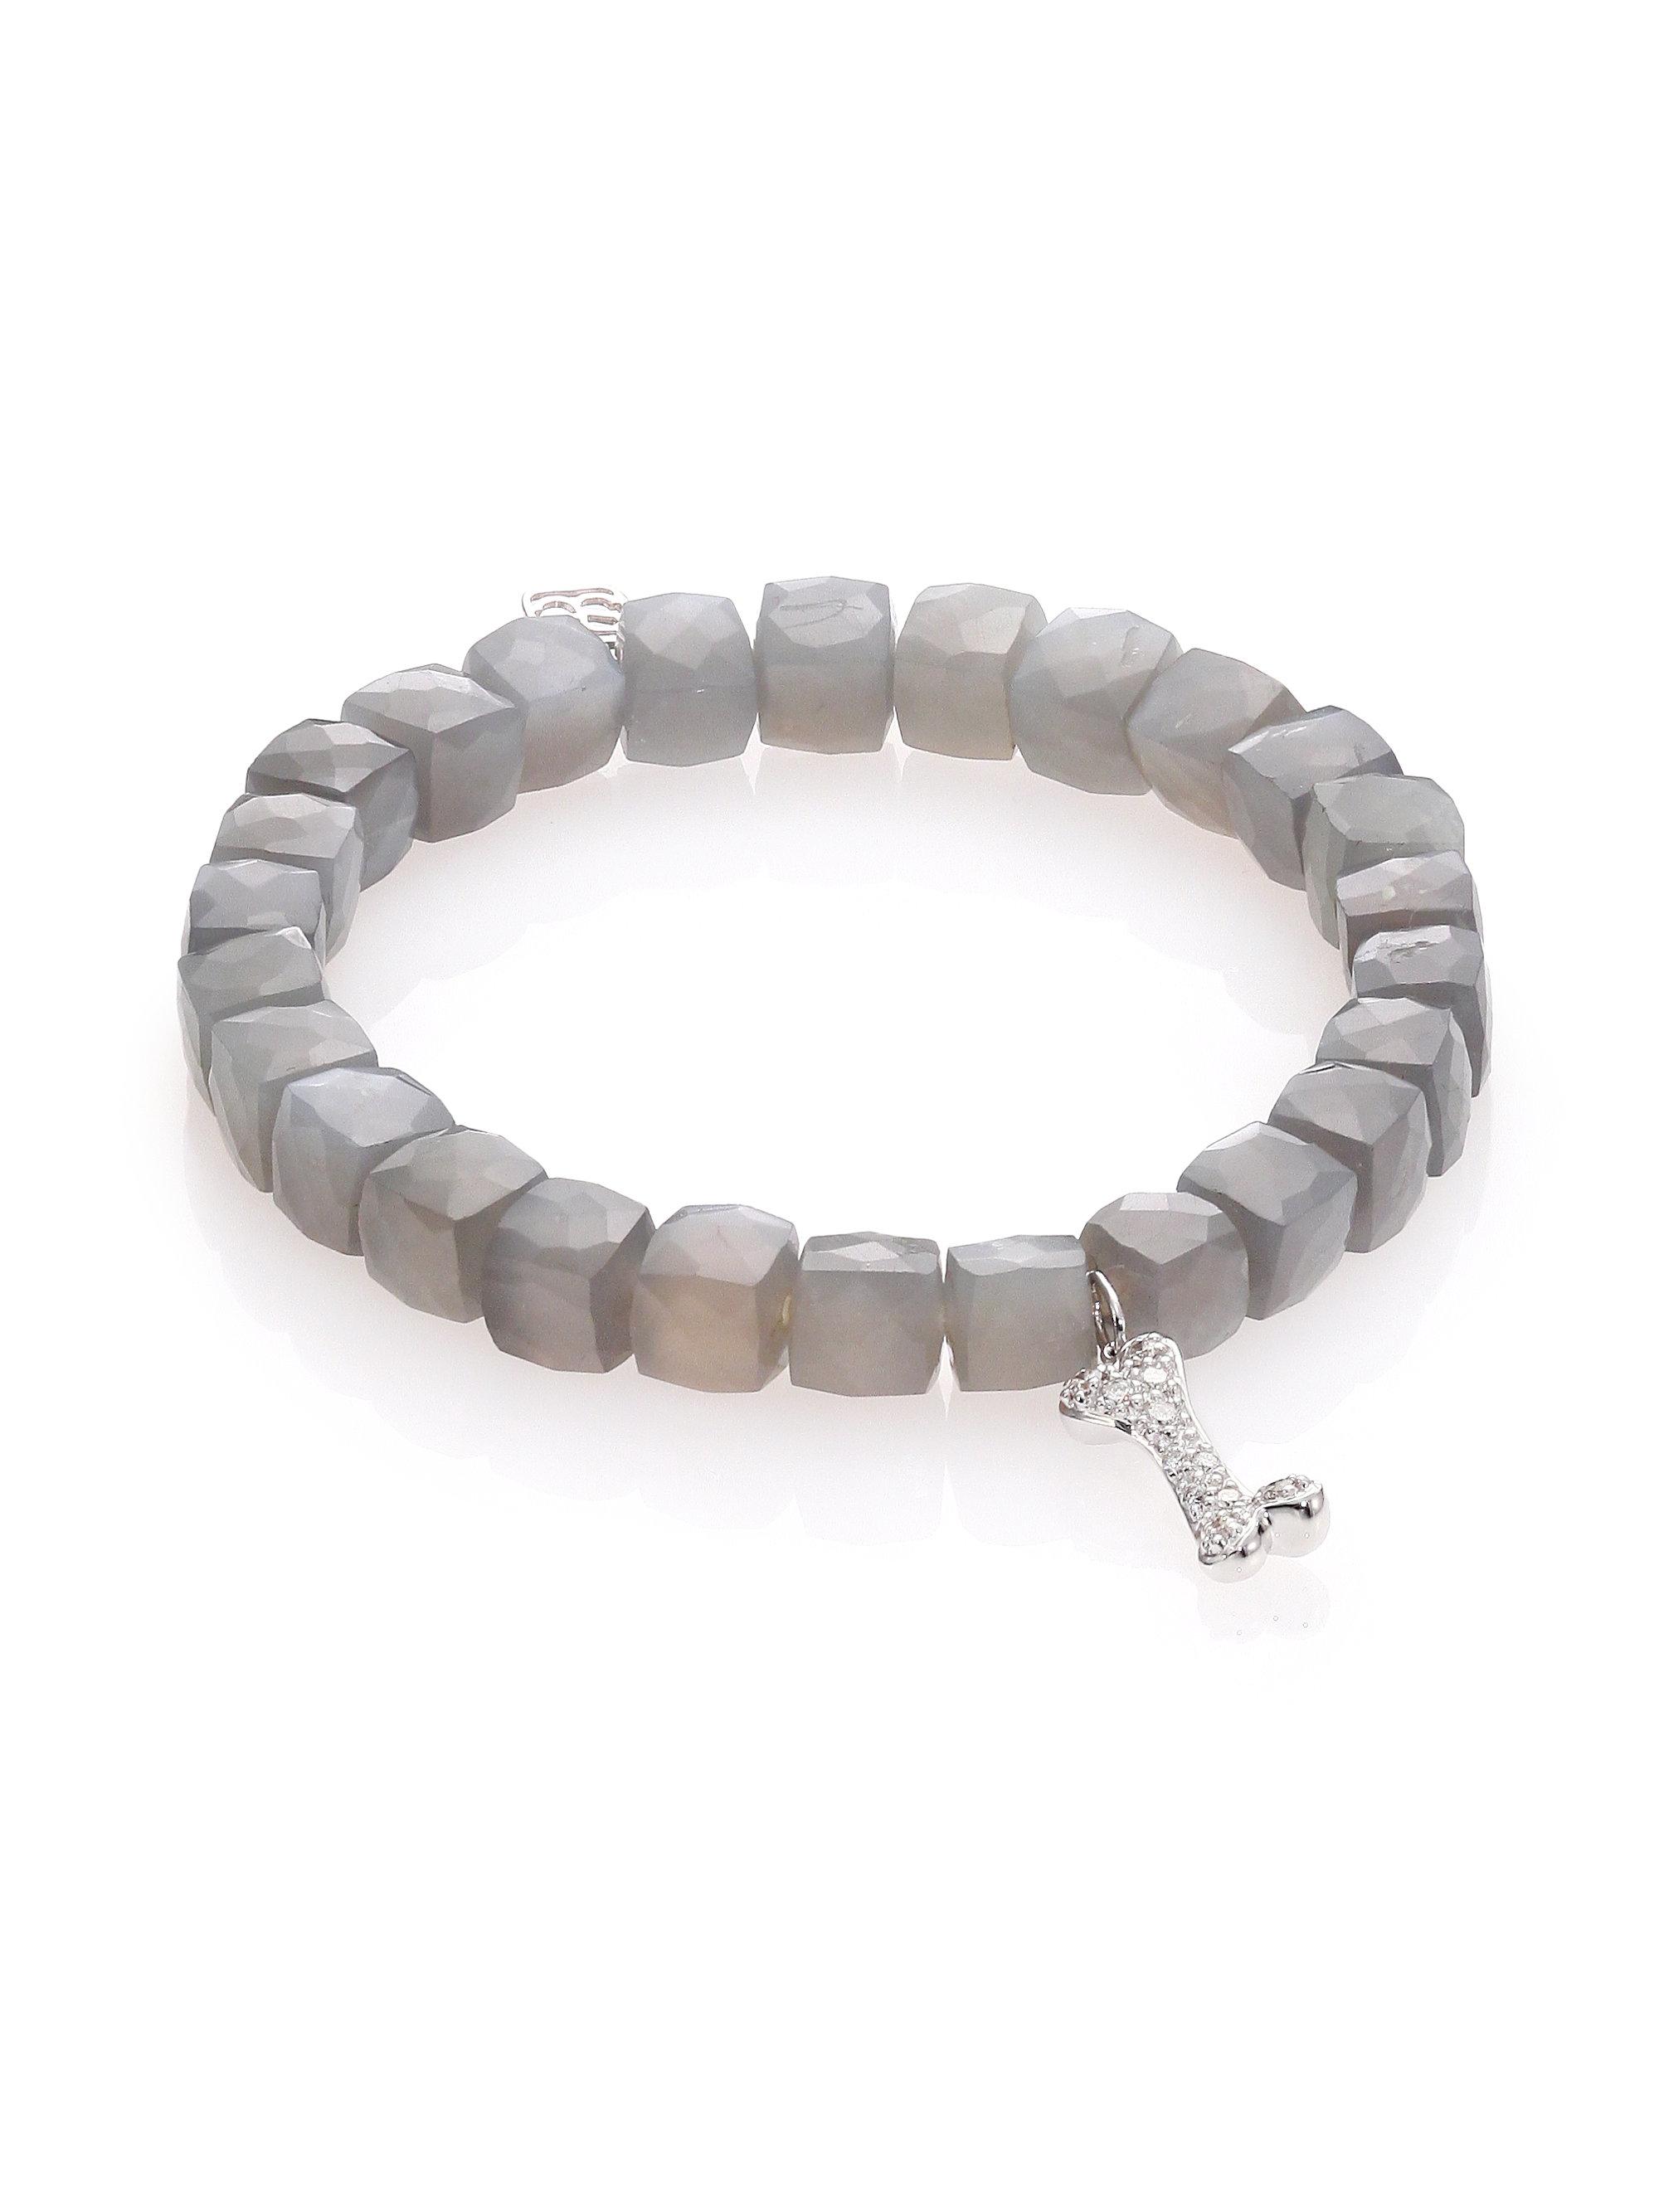 Sydney evan Pave Dog Bone Moonstone Bead Bracelet with Diamonds in